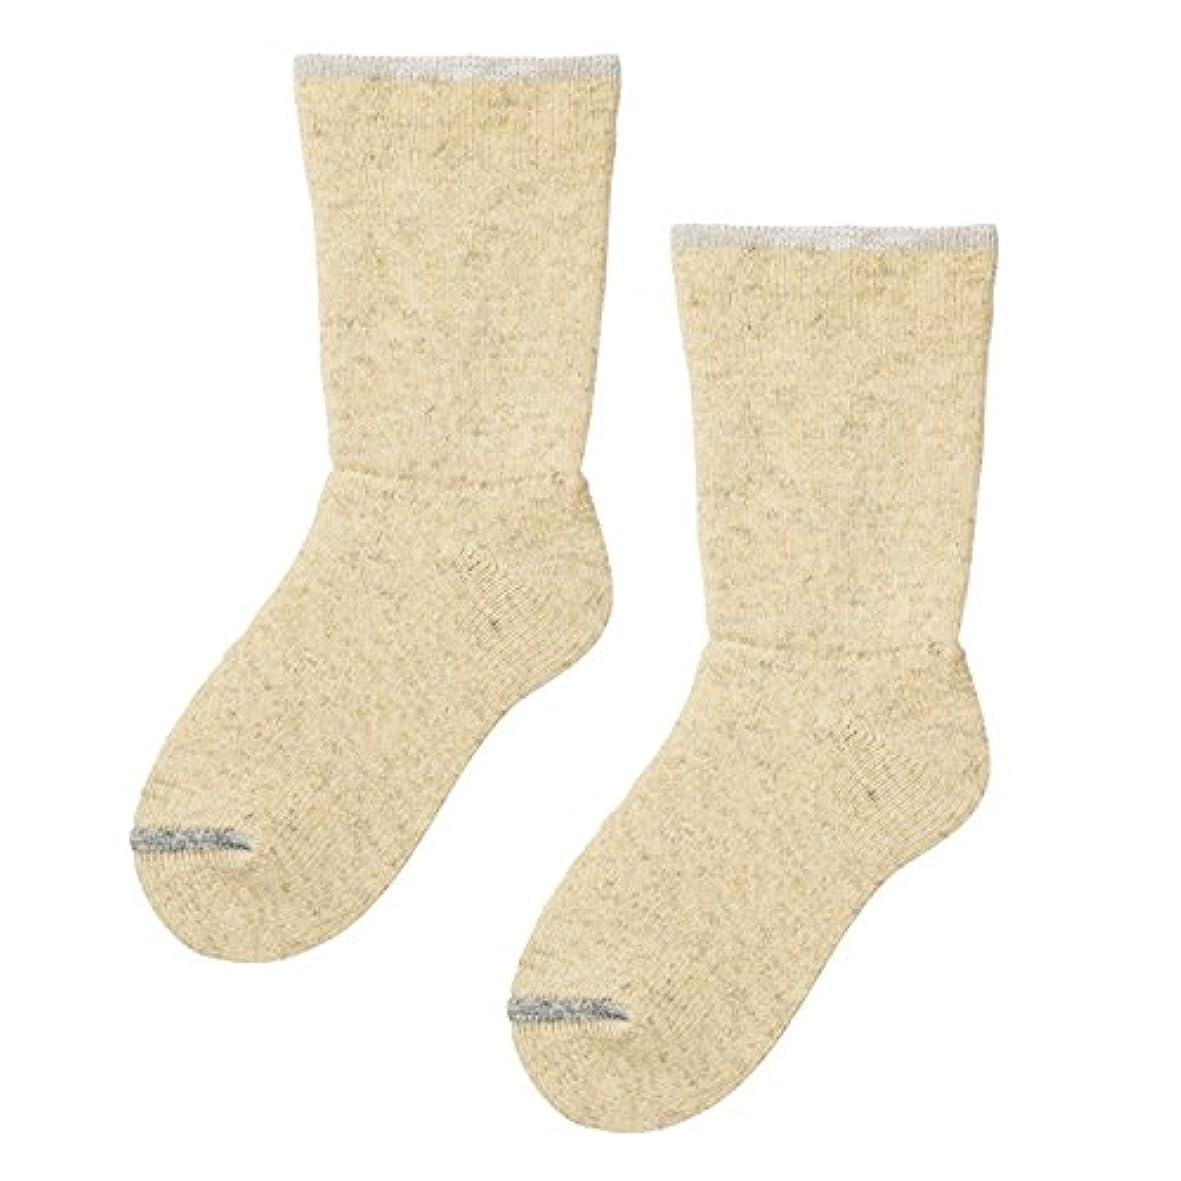 フィードバック傾く四砂山靴下 Carelance(ケアランス) お風呂上りの靴下 二重編み 8590CA-80 ベージュ